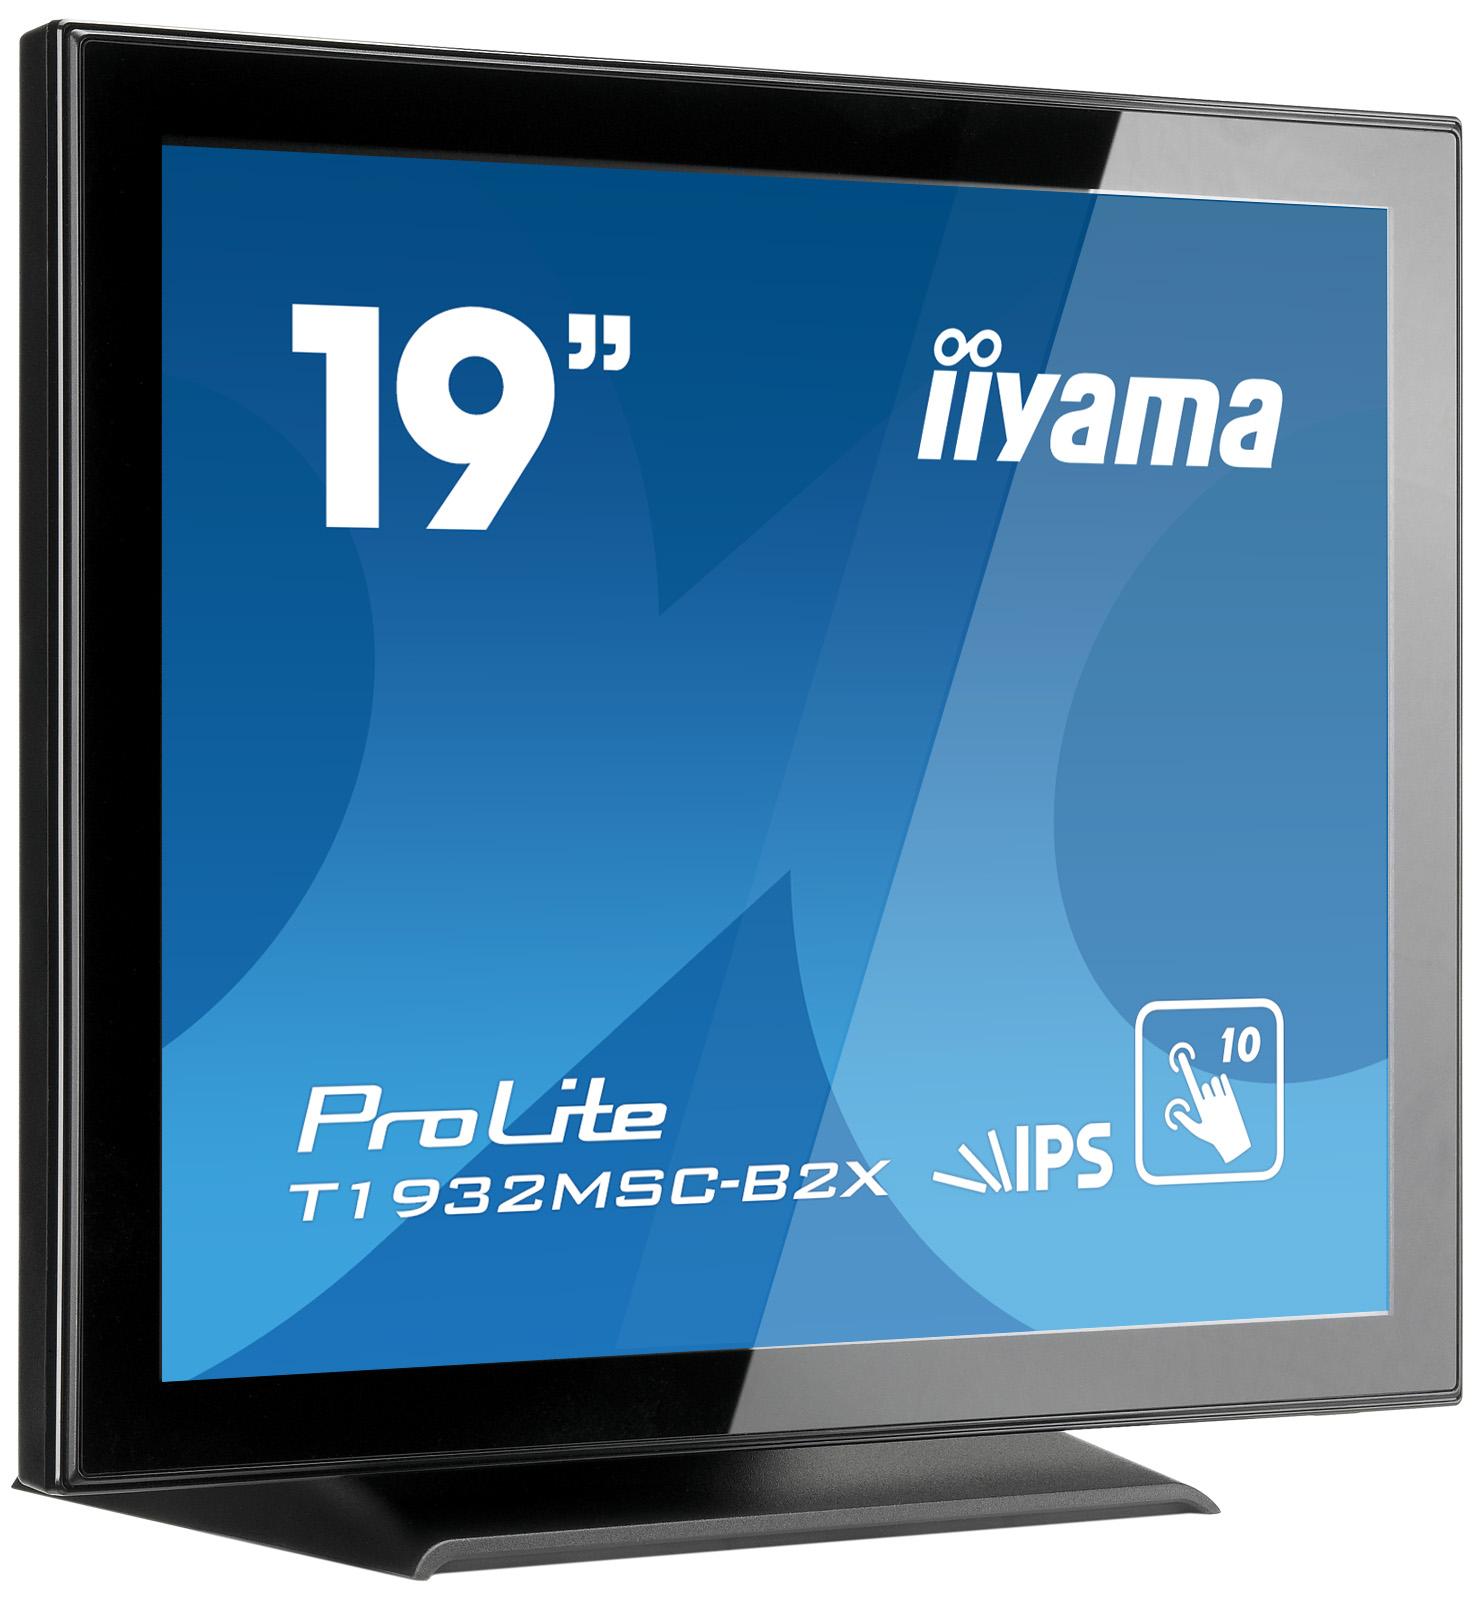 Monitor IIyama T1932MSC-B2X 19inch, IPS touchscreen, SXGA, VGA, DVI-D, USB